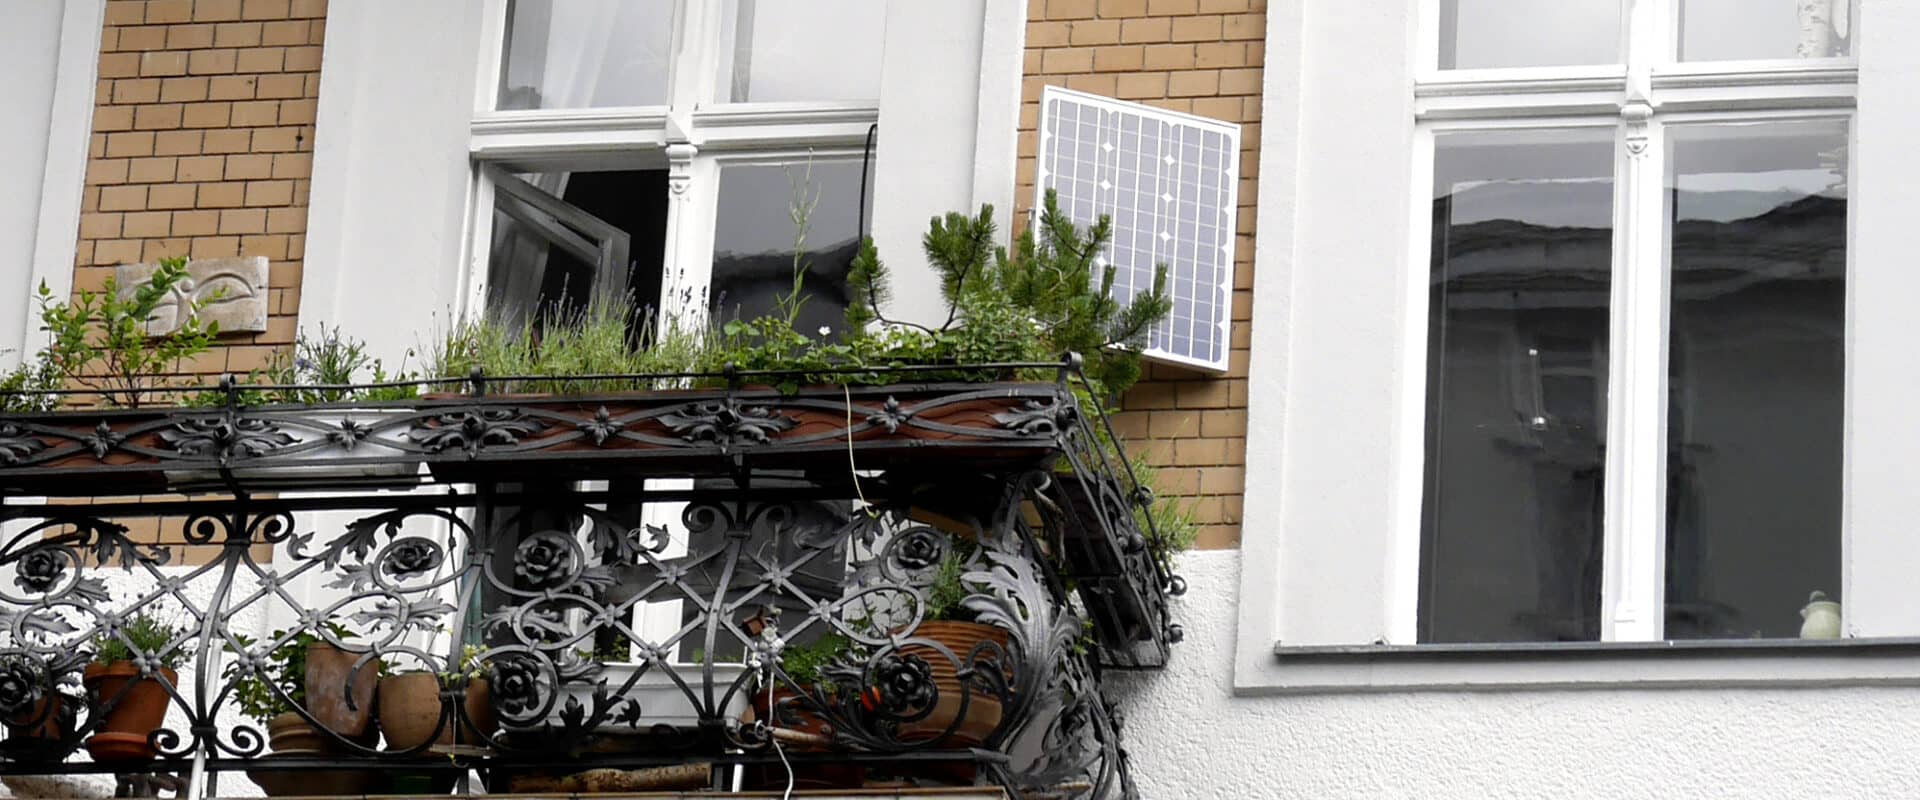 Erneuerbare Energie: Fassade mit Stecker-PV-Gerät